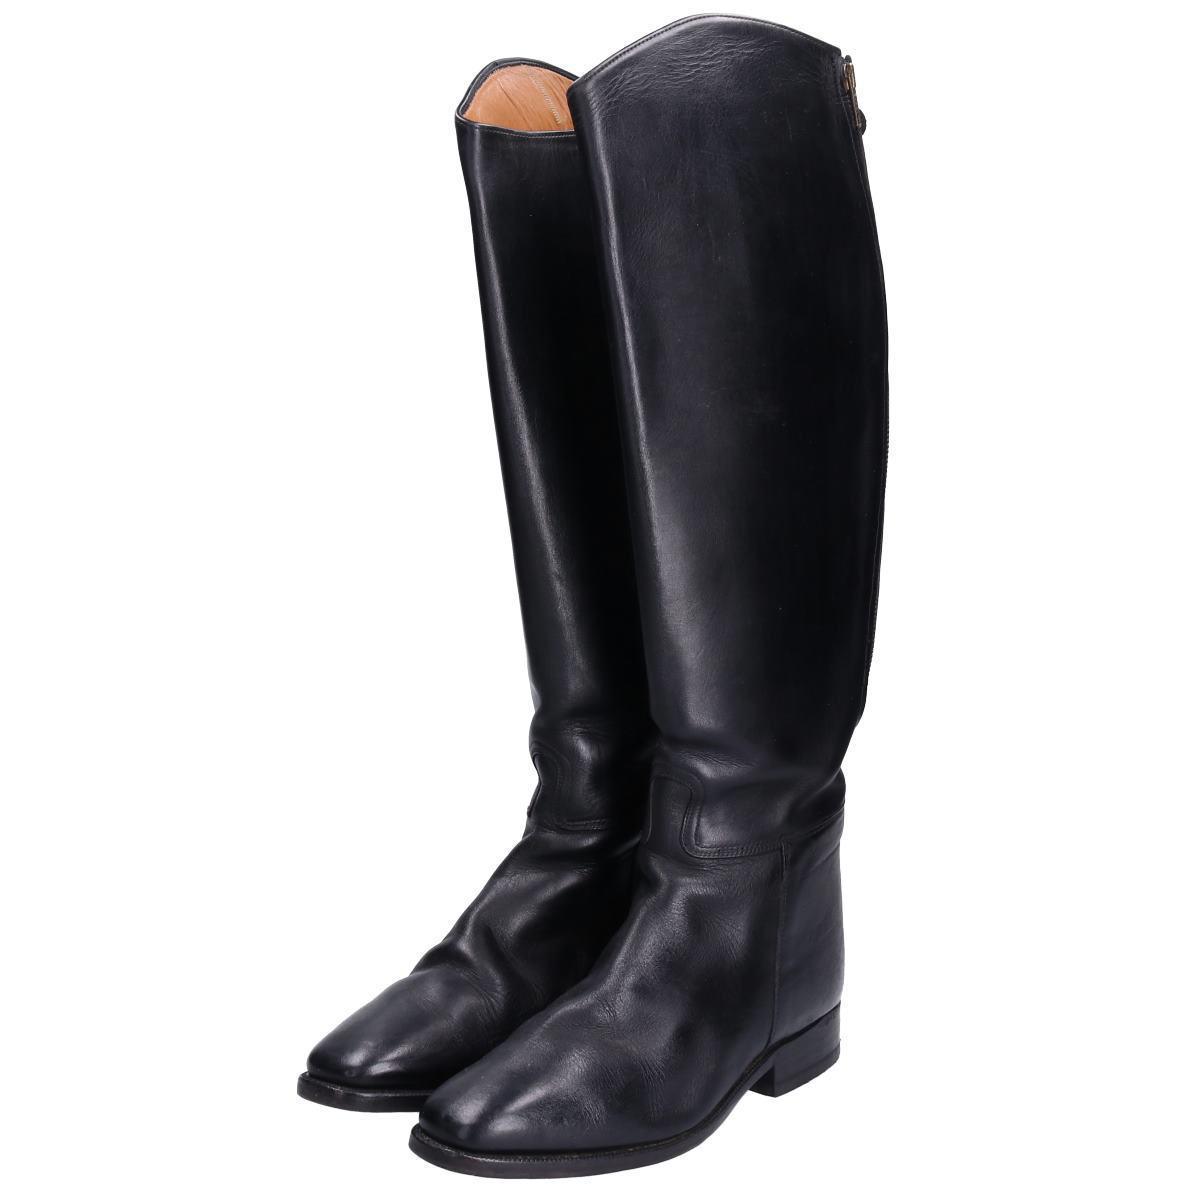 カバロ Cavallo ジョッキー乗馬ブーツ メンズ27.0cm /bop6626 【中古】 【190920】